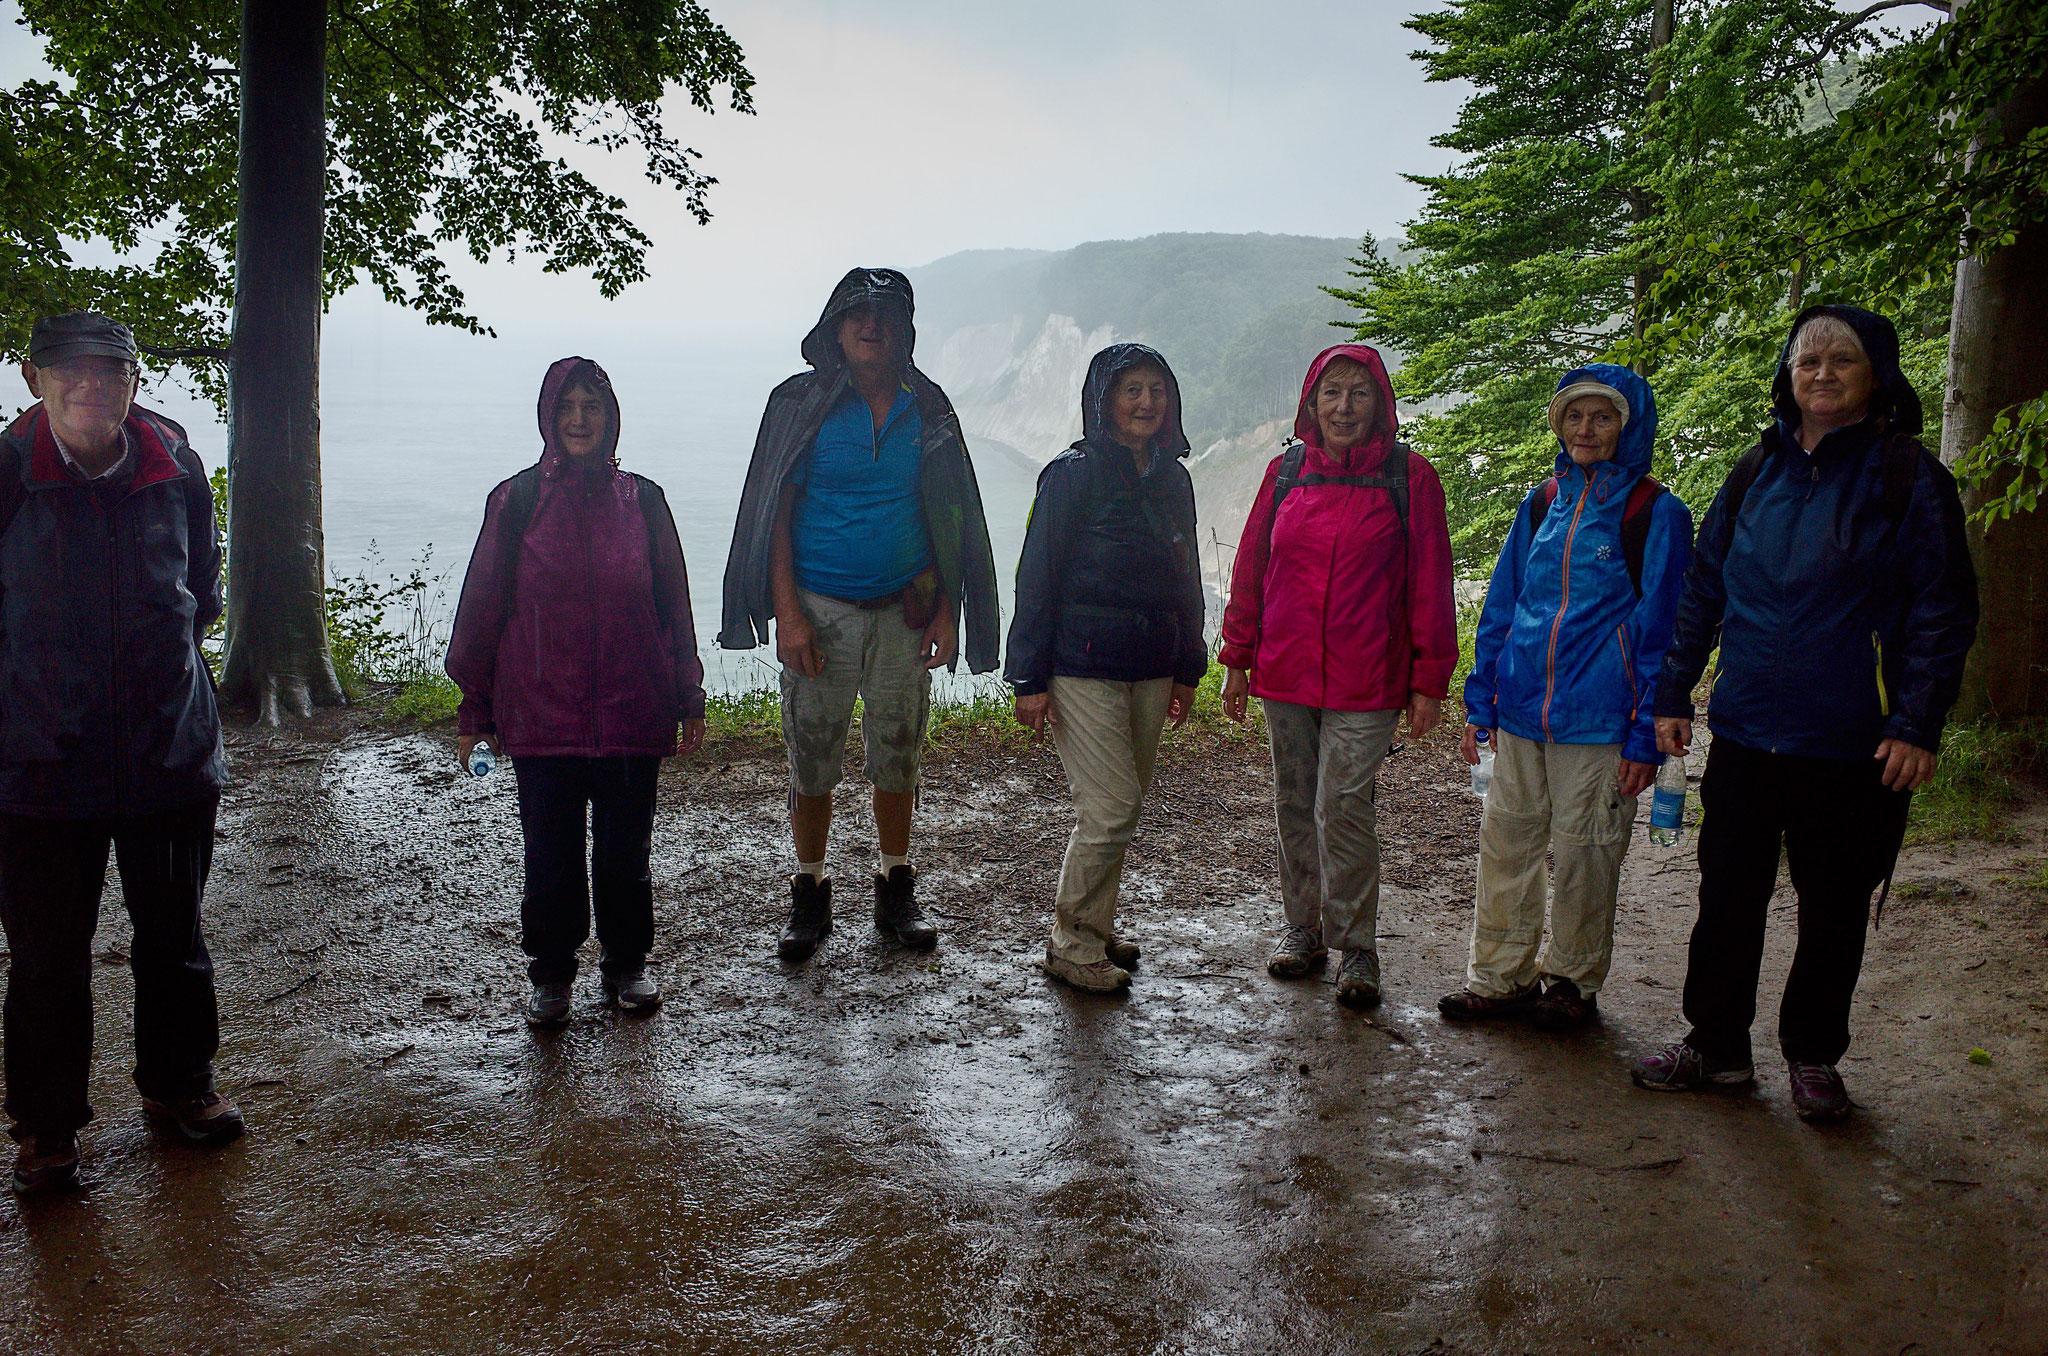 Regenfeste Wanderer am 24.06.2017 auf der Halbinsel Jasmund